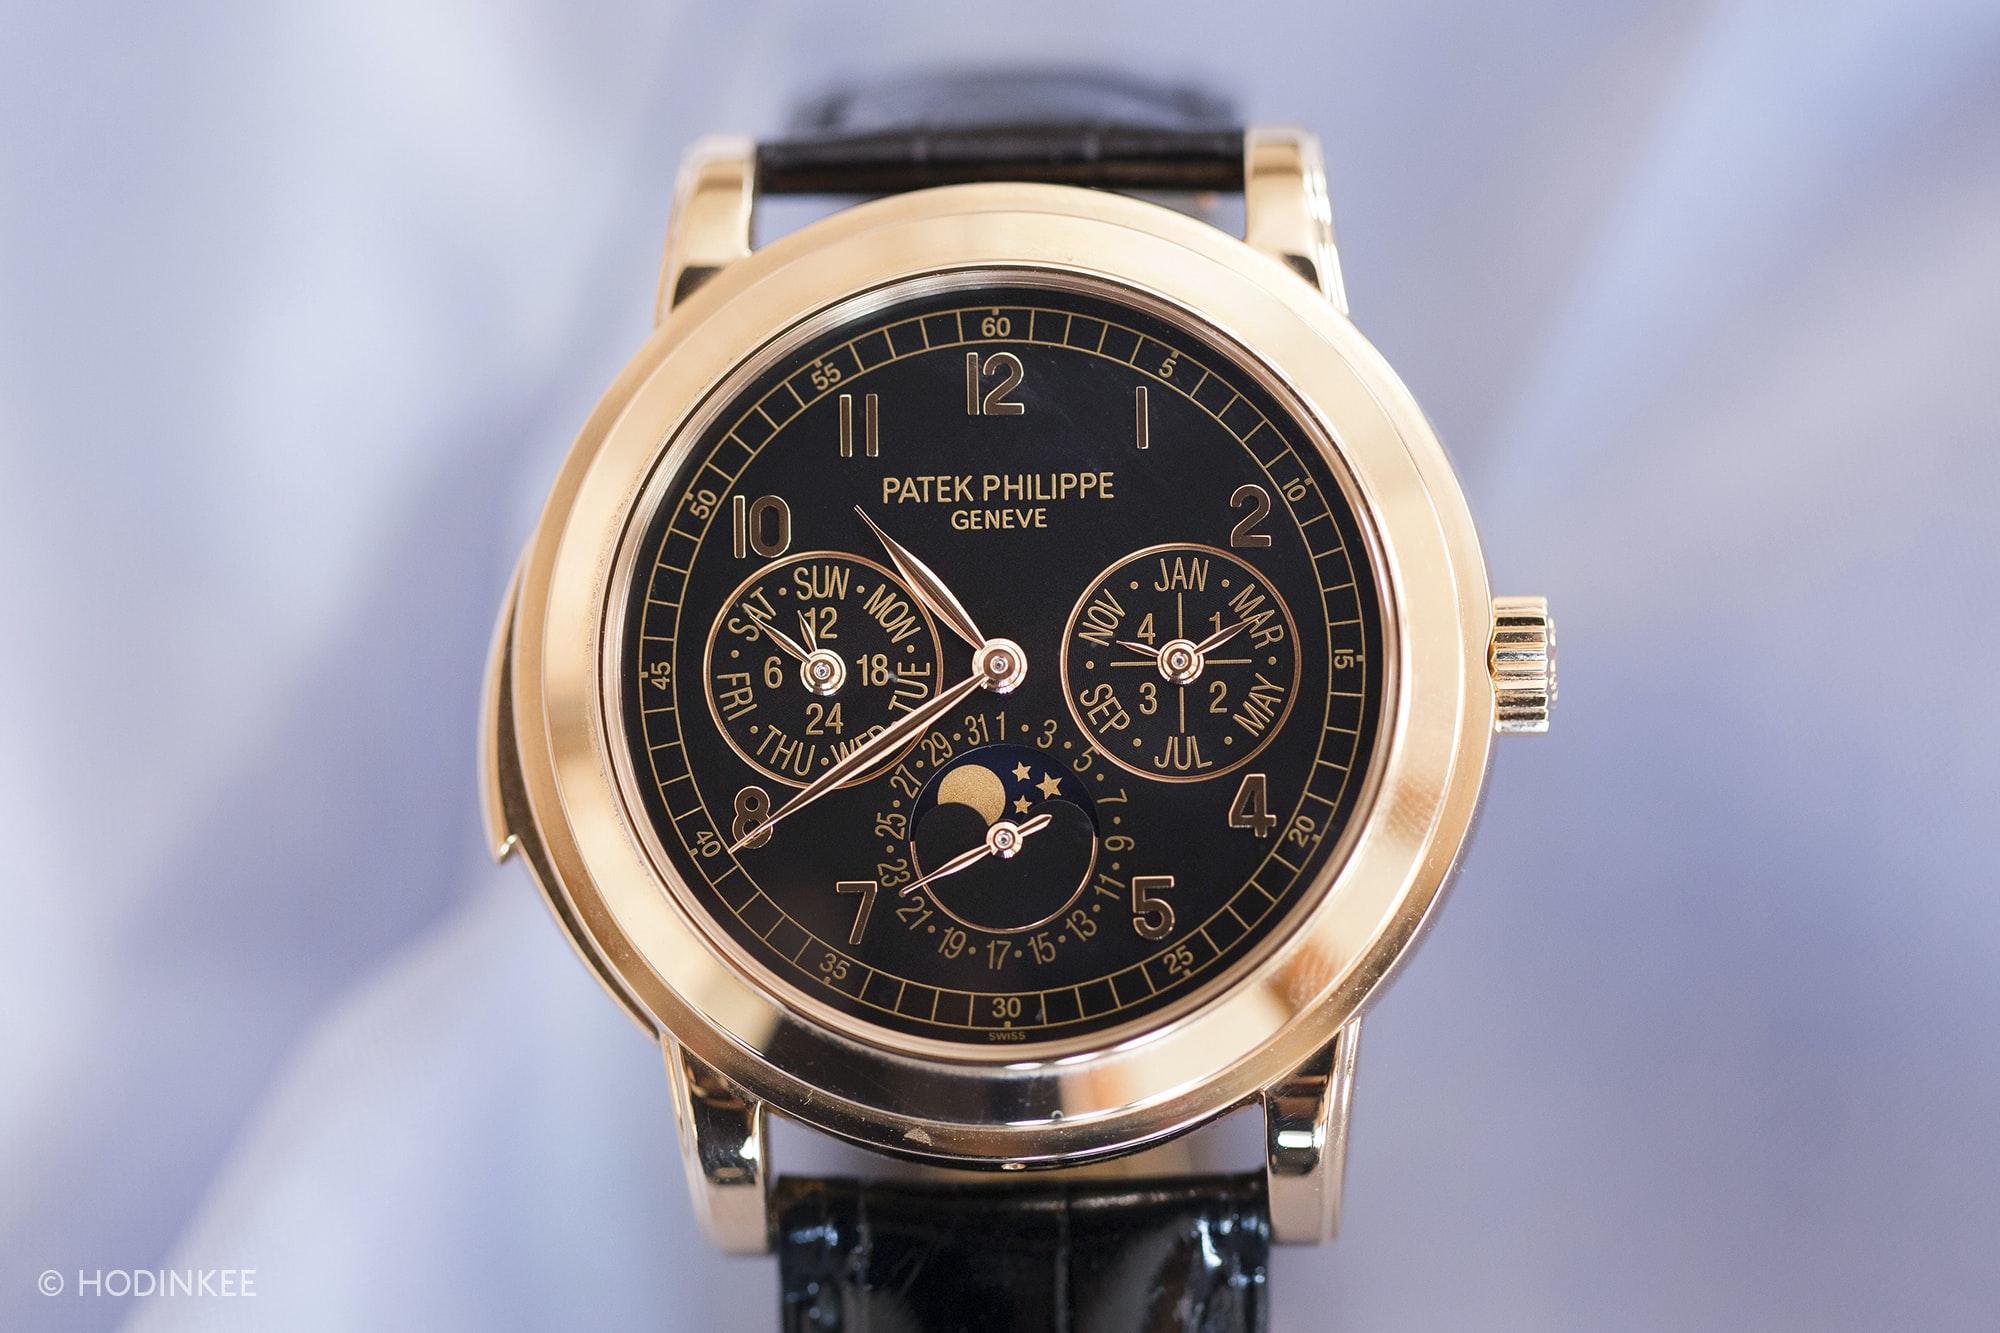 Talking Watches 2: With Pras Talking Watches 2: With Pras 3H0A4967 copy